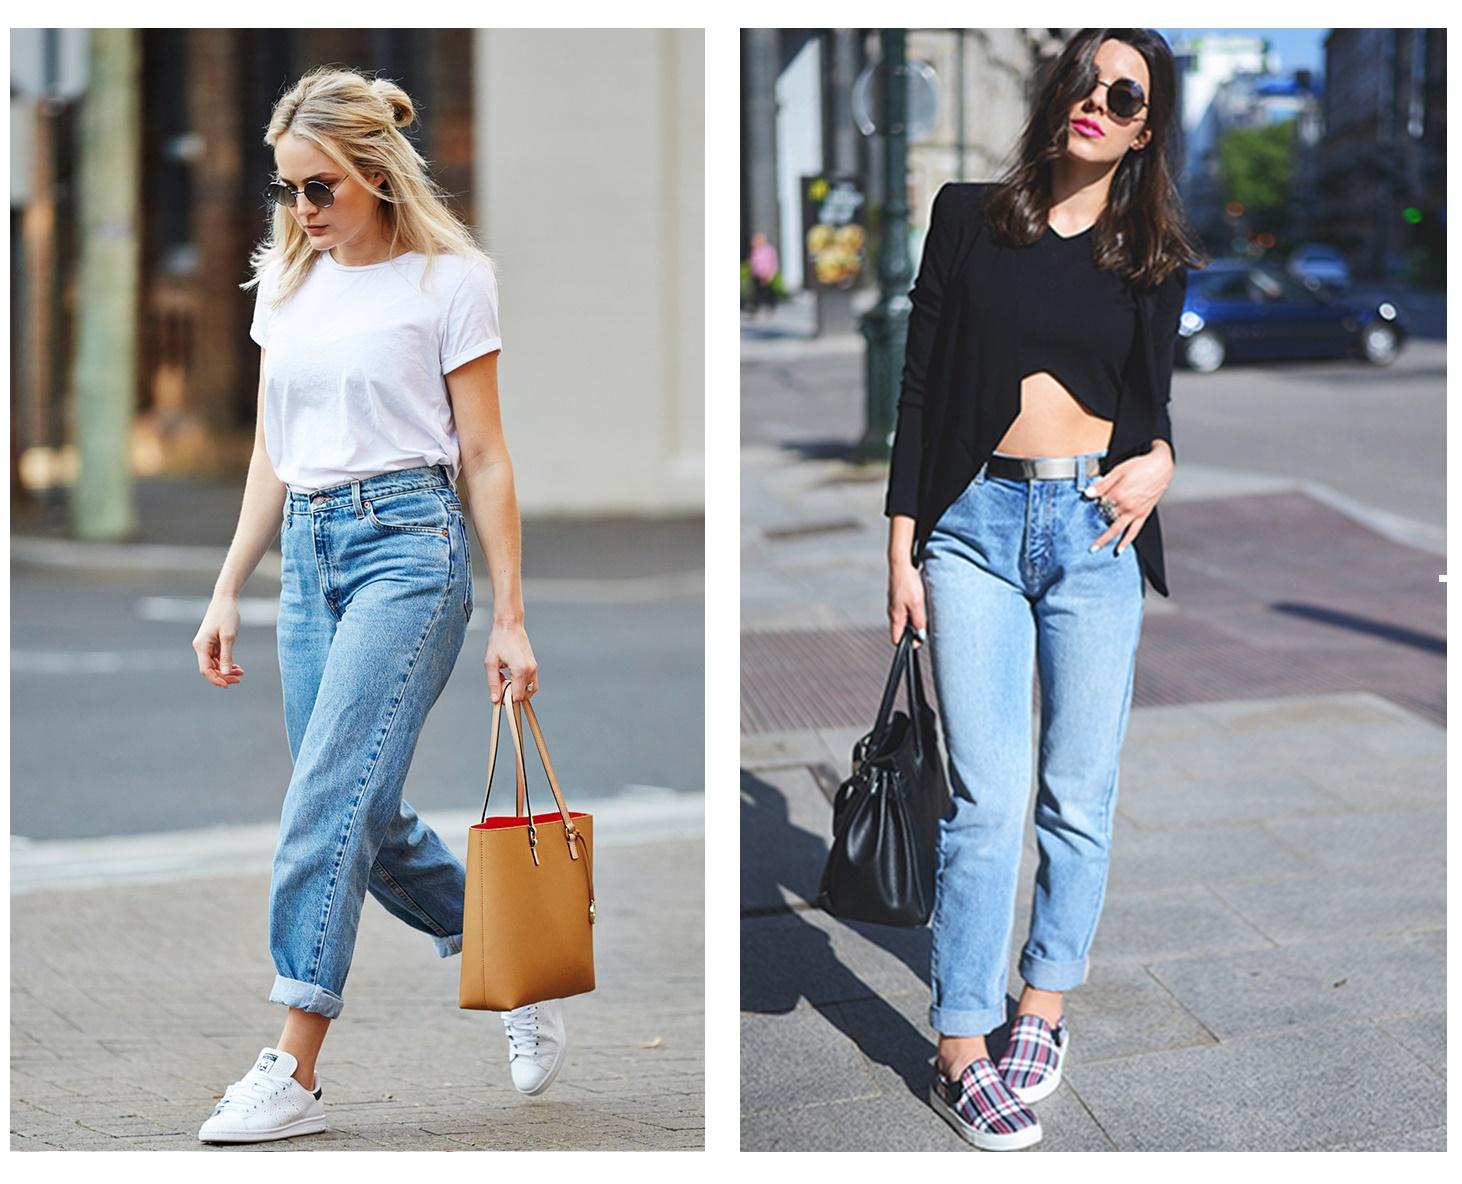 Топ-7 моделей женских джинсов, которые точно понравятся мужчинам - фото 7